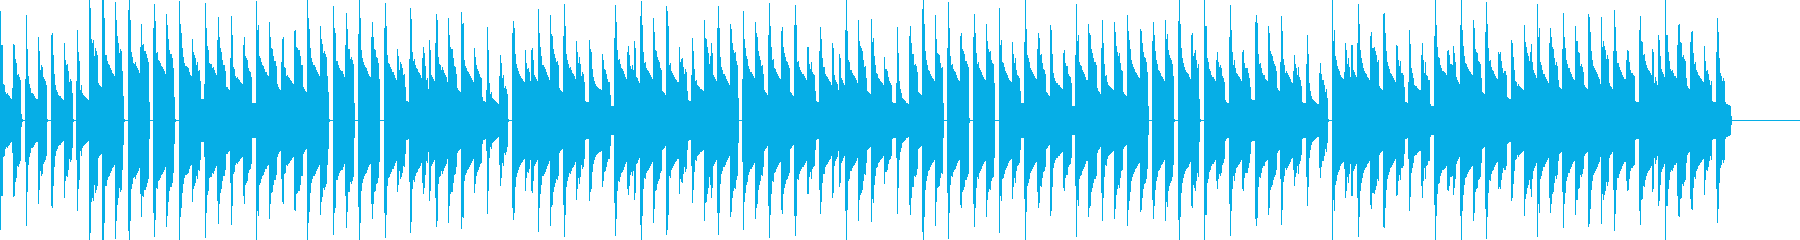 草競馬 ファミコン風 8bitの再生済みの波形